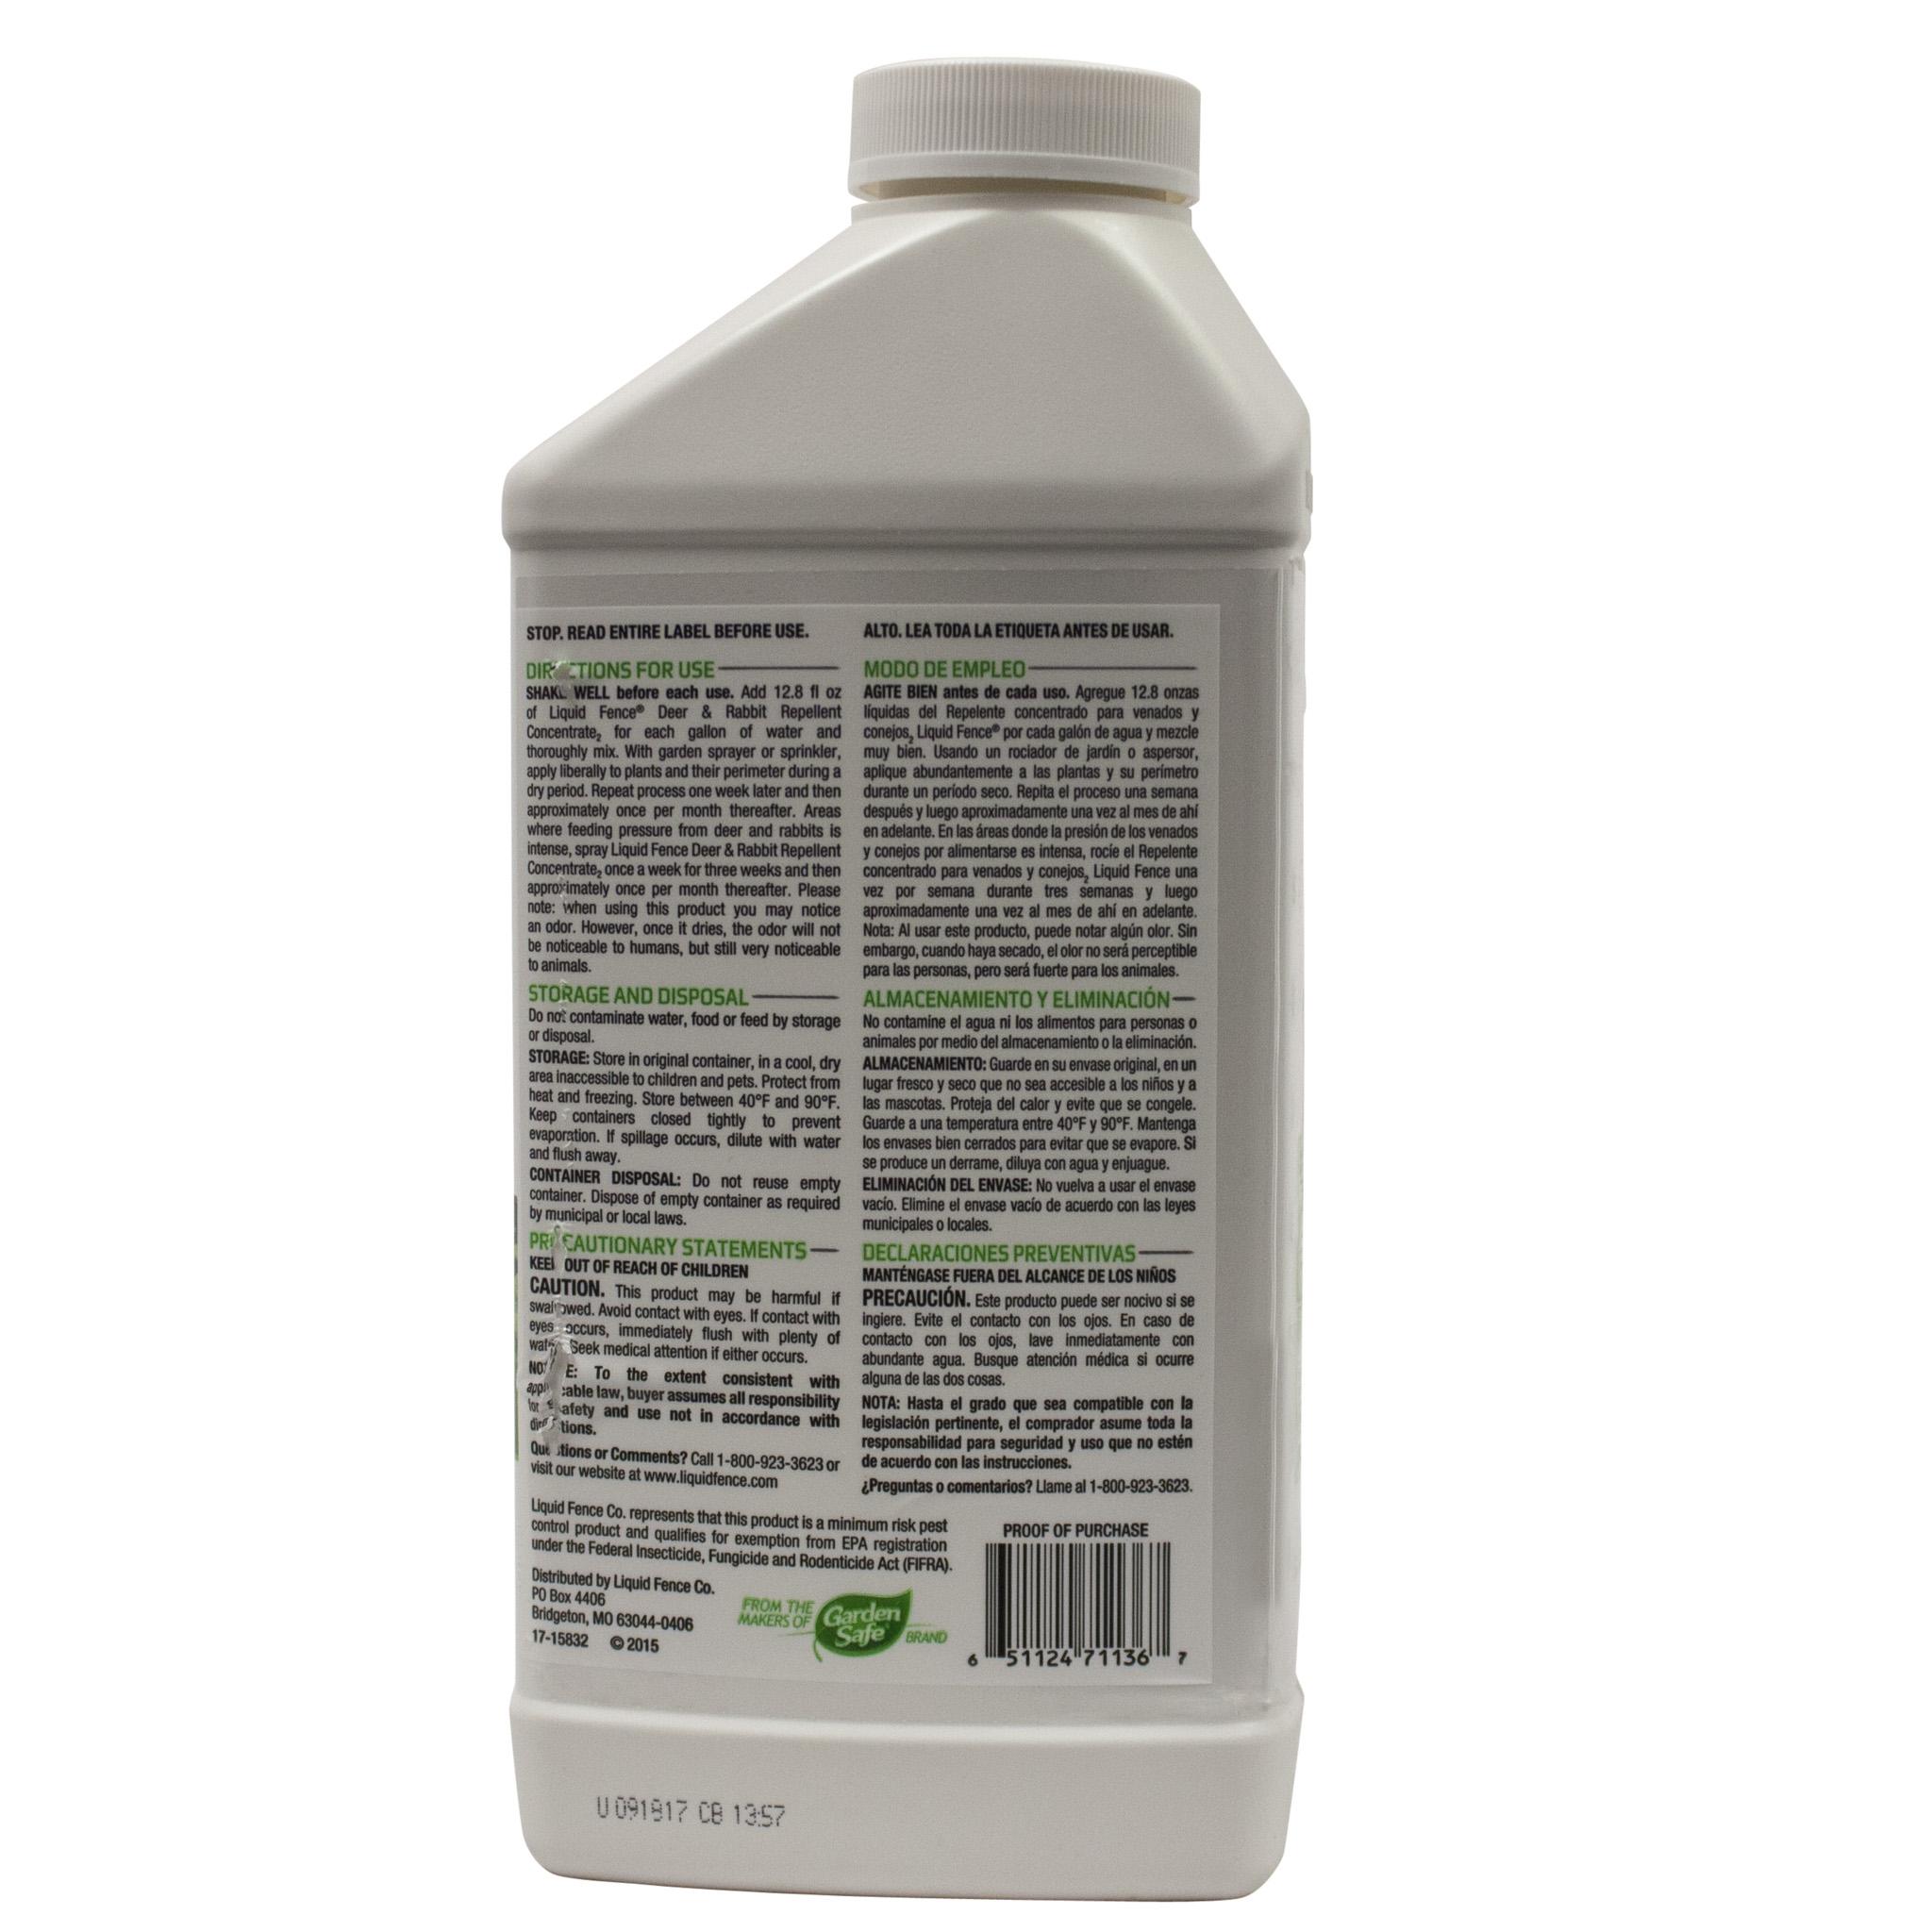 Liquid Fence Deer & Rabbit Repellent Concentrate 113 40 oz